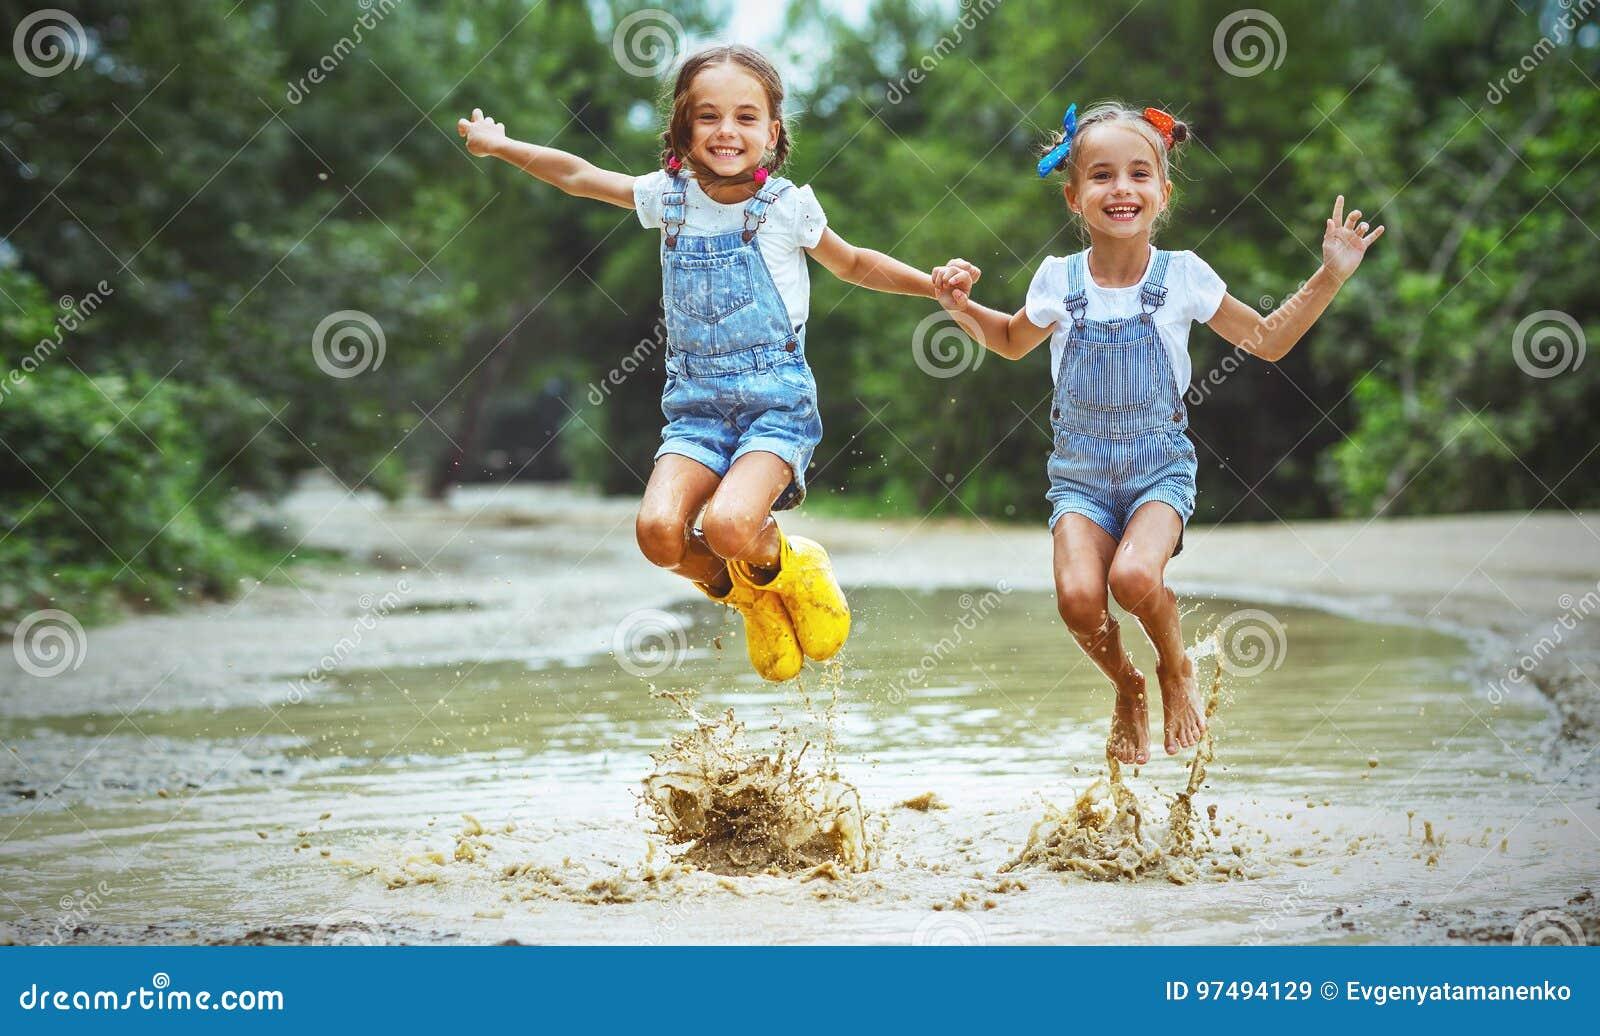 Szczęśliwy śmieszny siostra bliźniaków dziecka dziewczyny doskakiwanie na kałużach w pocieraniu